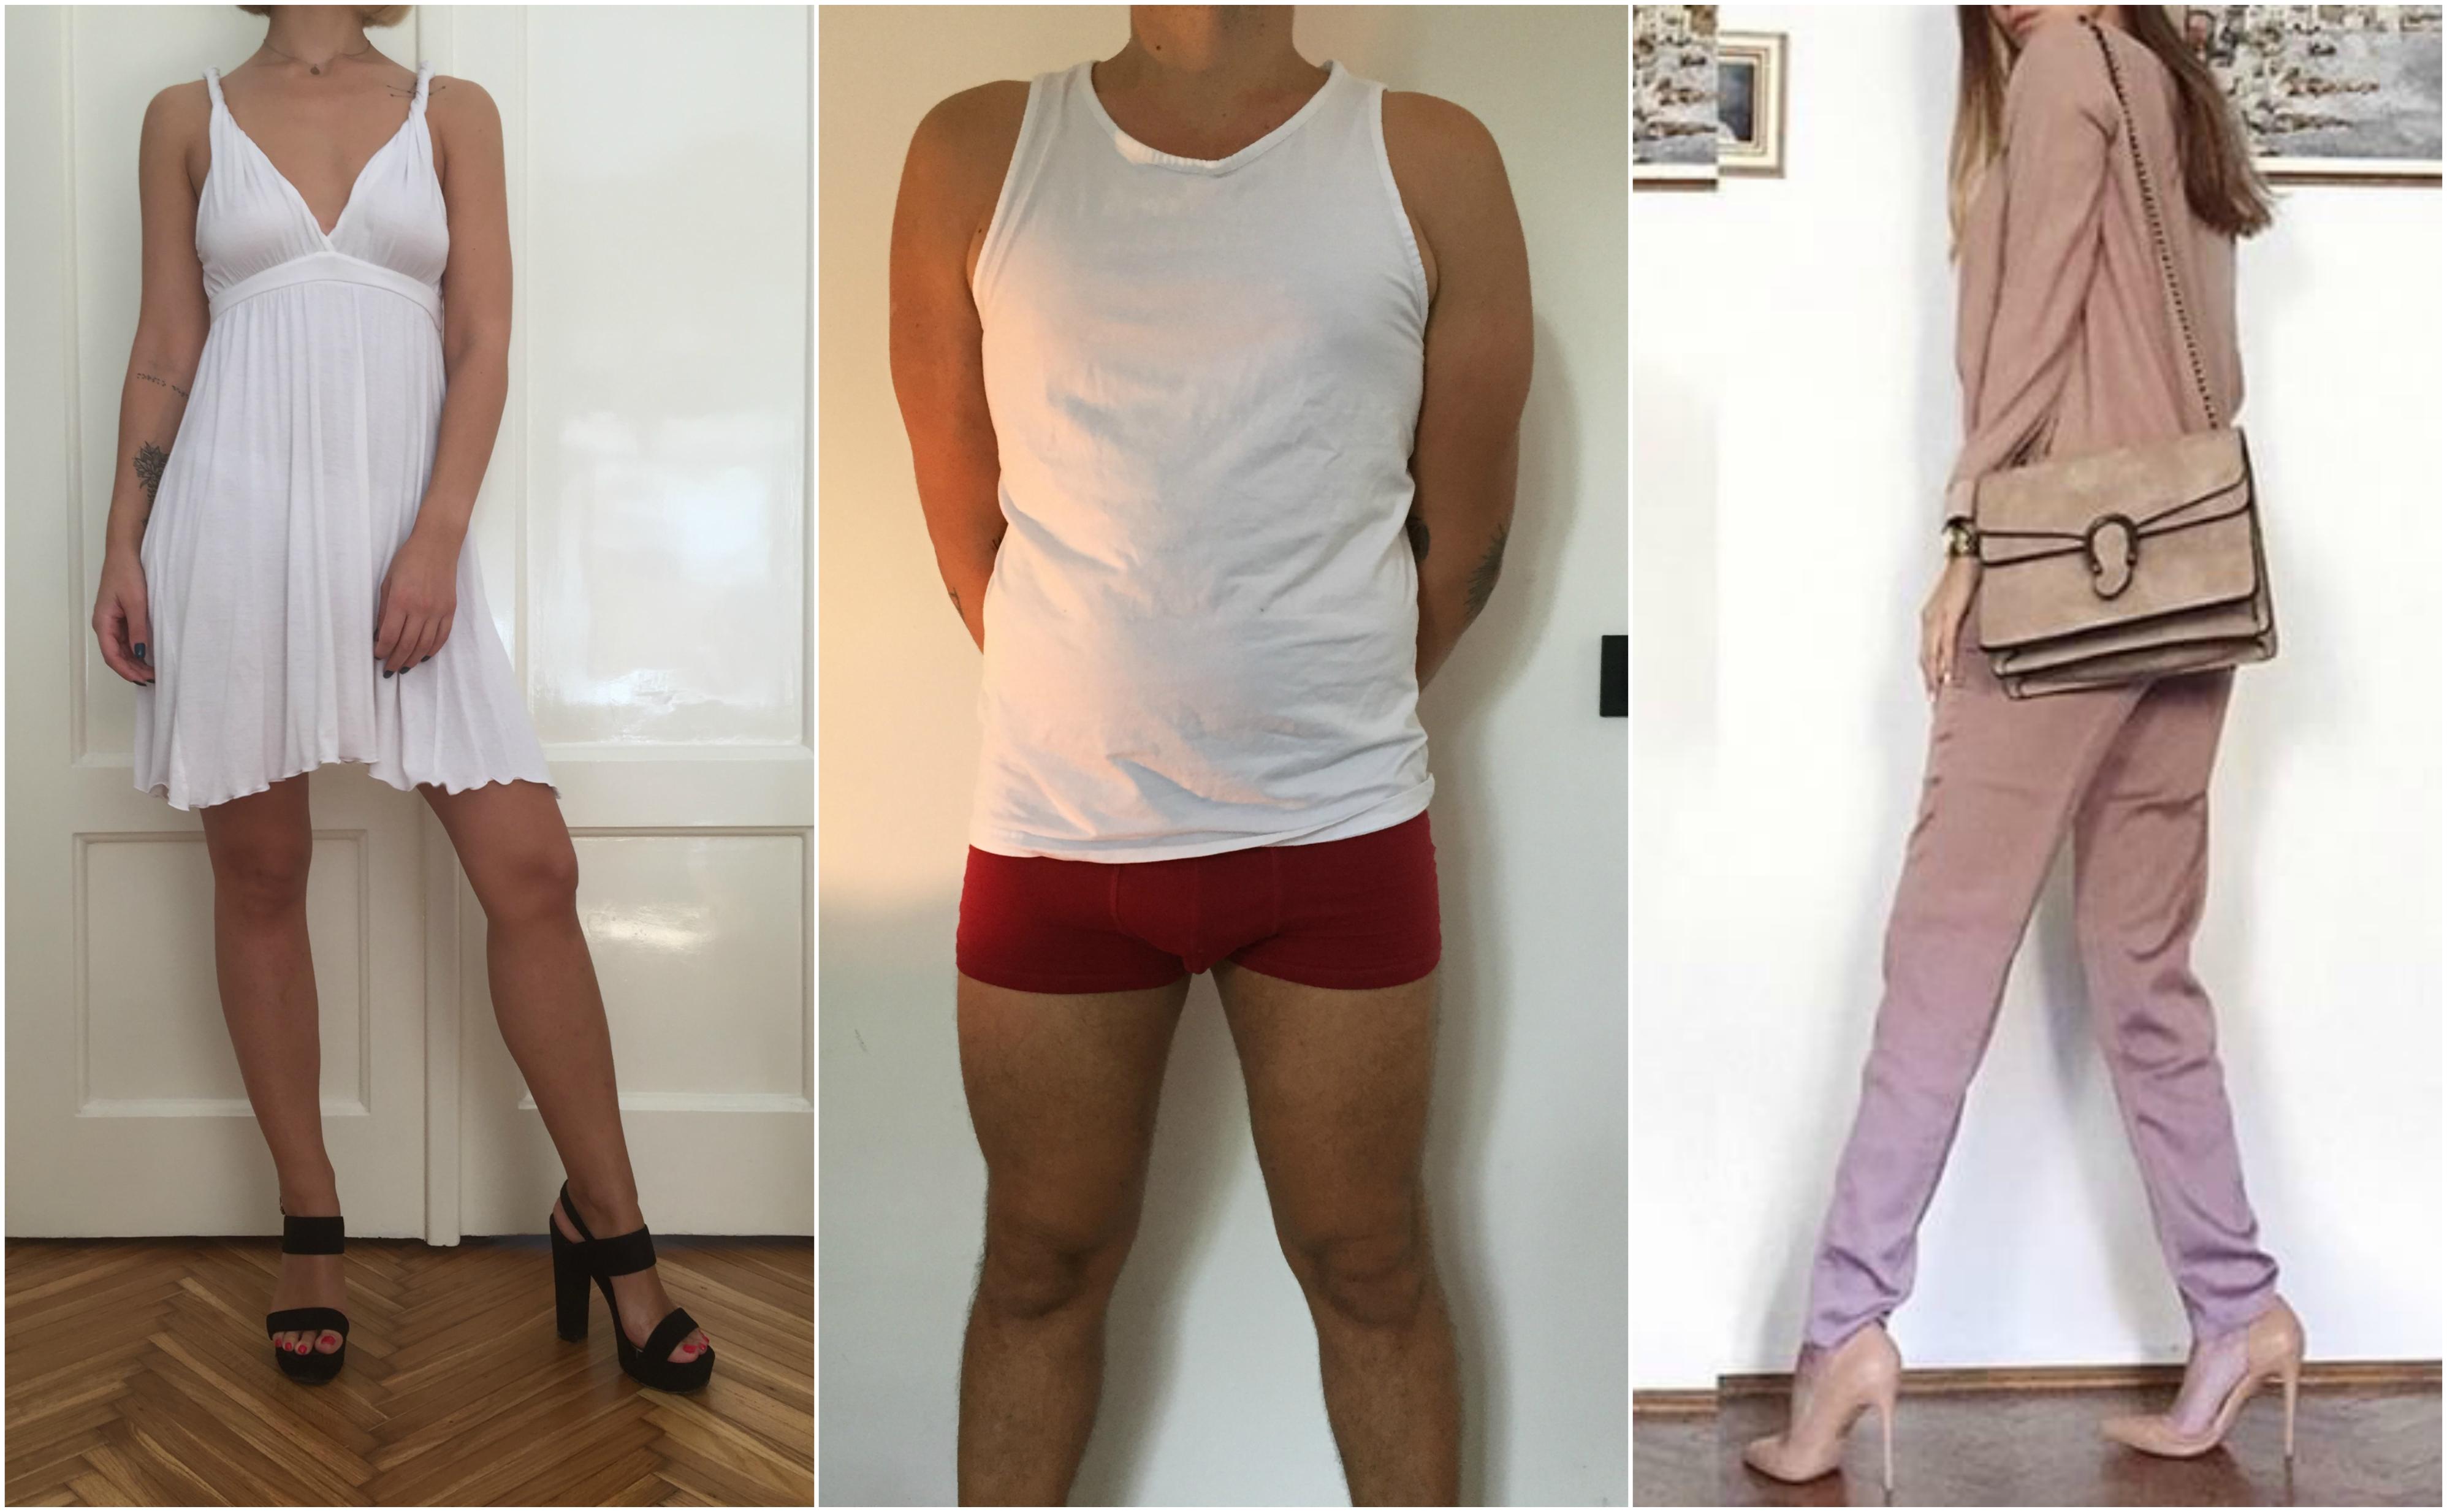 Ραντεβού φωτογραφίες με ρούχα